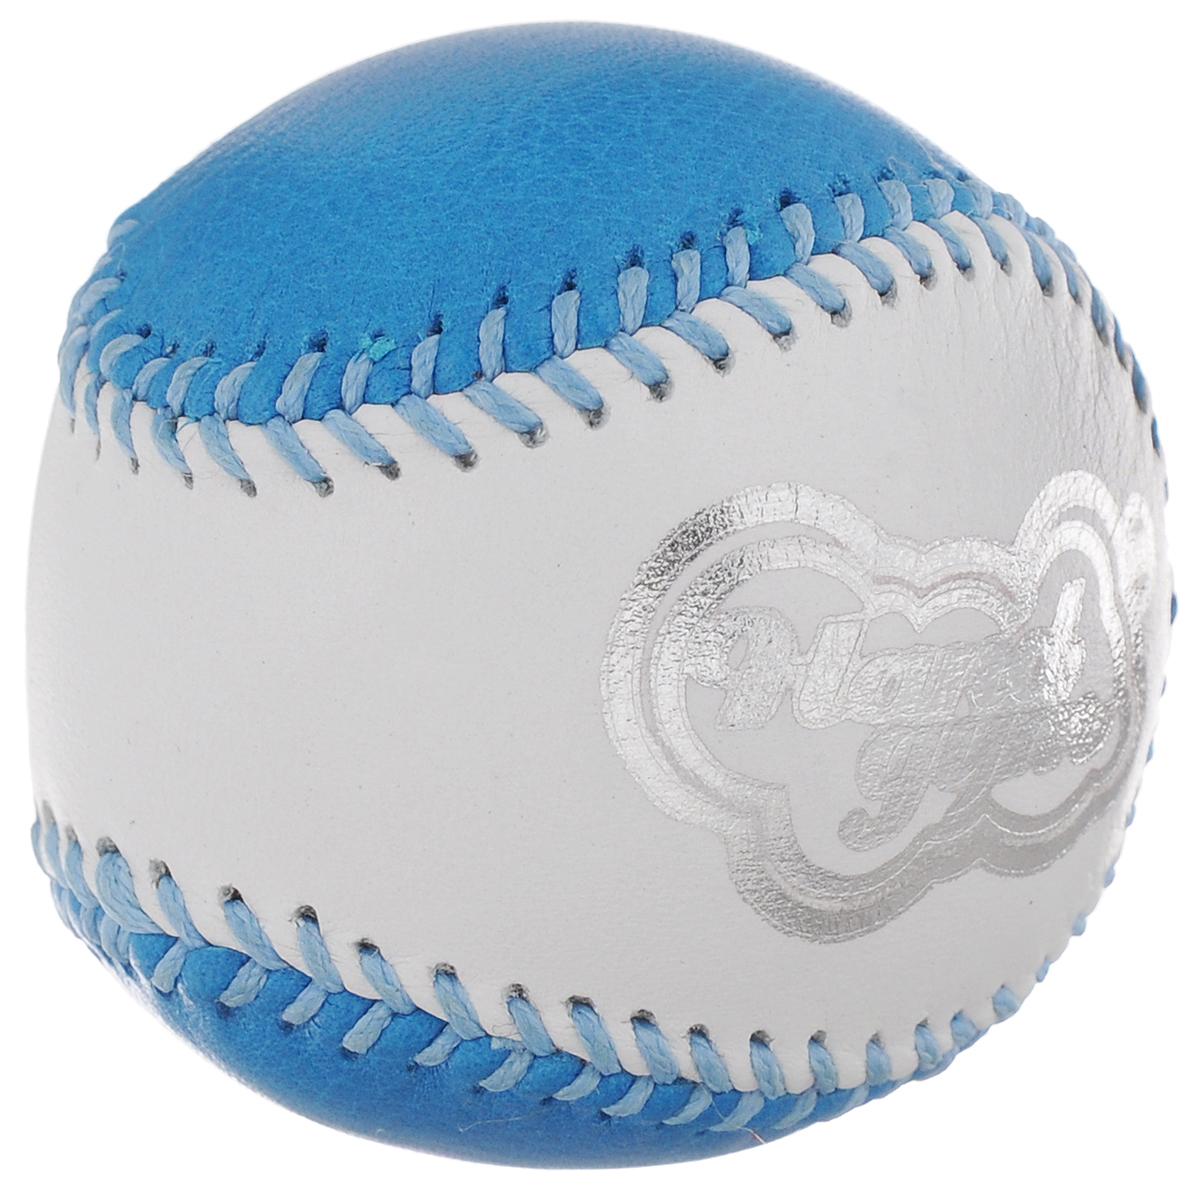 Эспандер кистевой HandGum HandGym, цвет: голубой, белый, диаметр 5 см260_голубой, белыйКистевой эспандер HandGum HandGym - отличный тренажер, который превосходно развивает моторику и силу рук. Эспандер HandGum HandGym выполнен в виде кожаного чехла, внутри которого - жвачка для рук. Эспандер прекрасно подходит для любого возраста, позволяя как эффективно развивать силу самым слабым рукам, так и являясь отличным тренажером даже для профессиональных спортсменов.